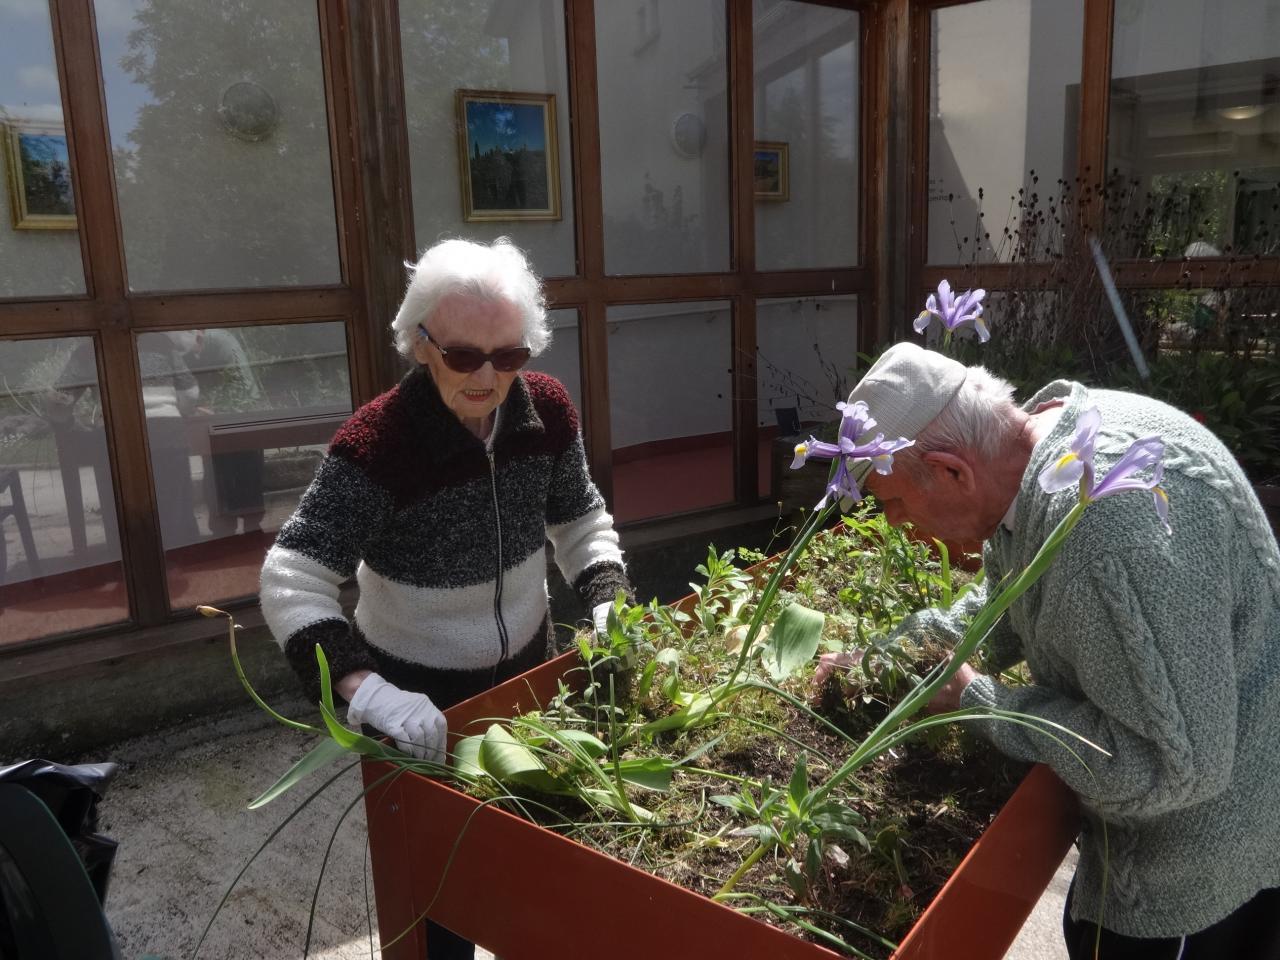 Jardinage for Jardin therapeutique